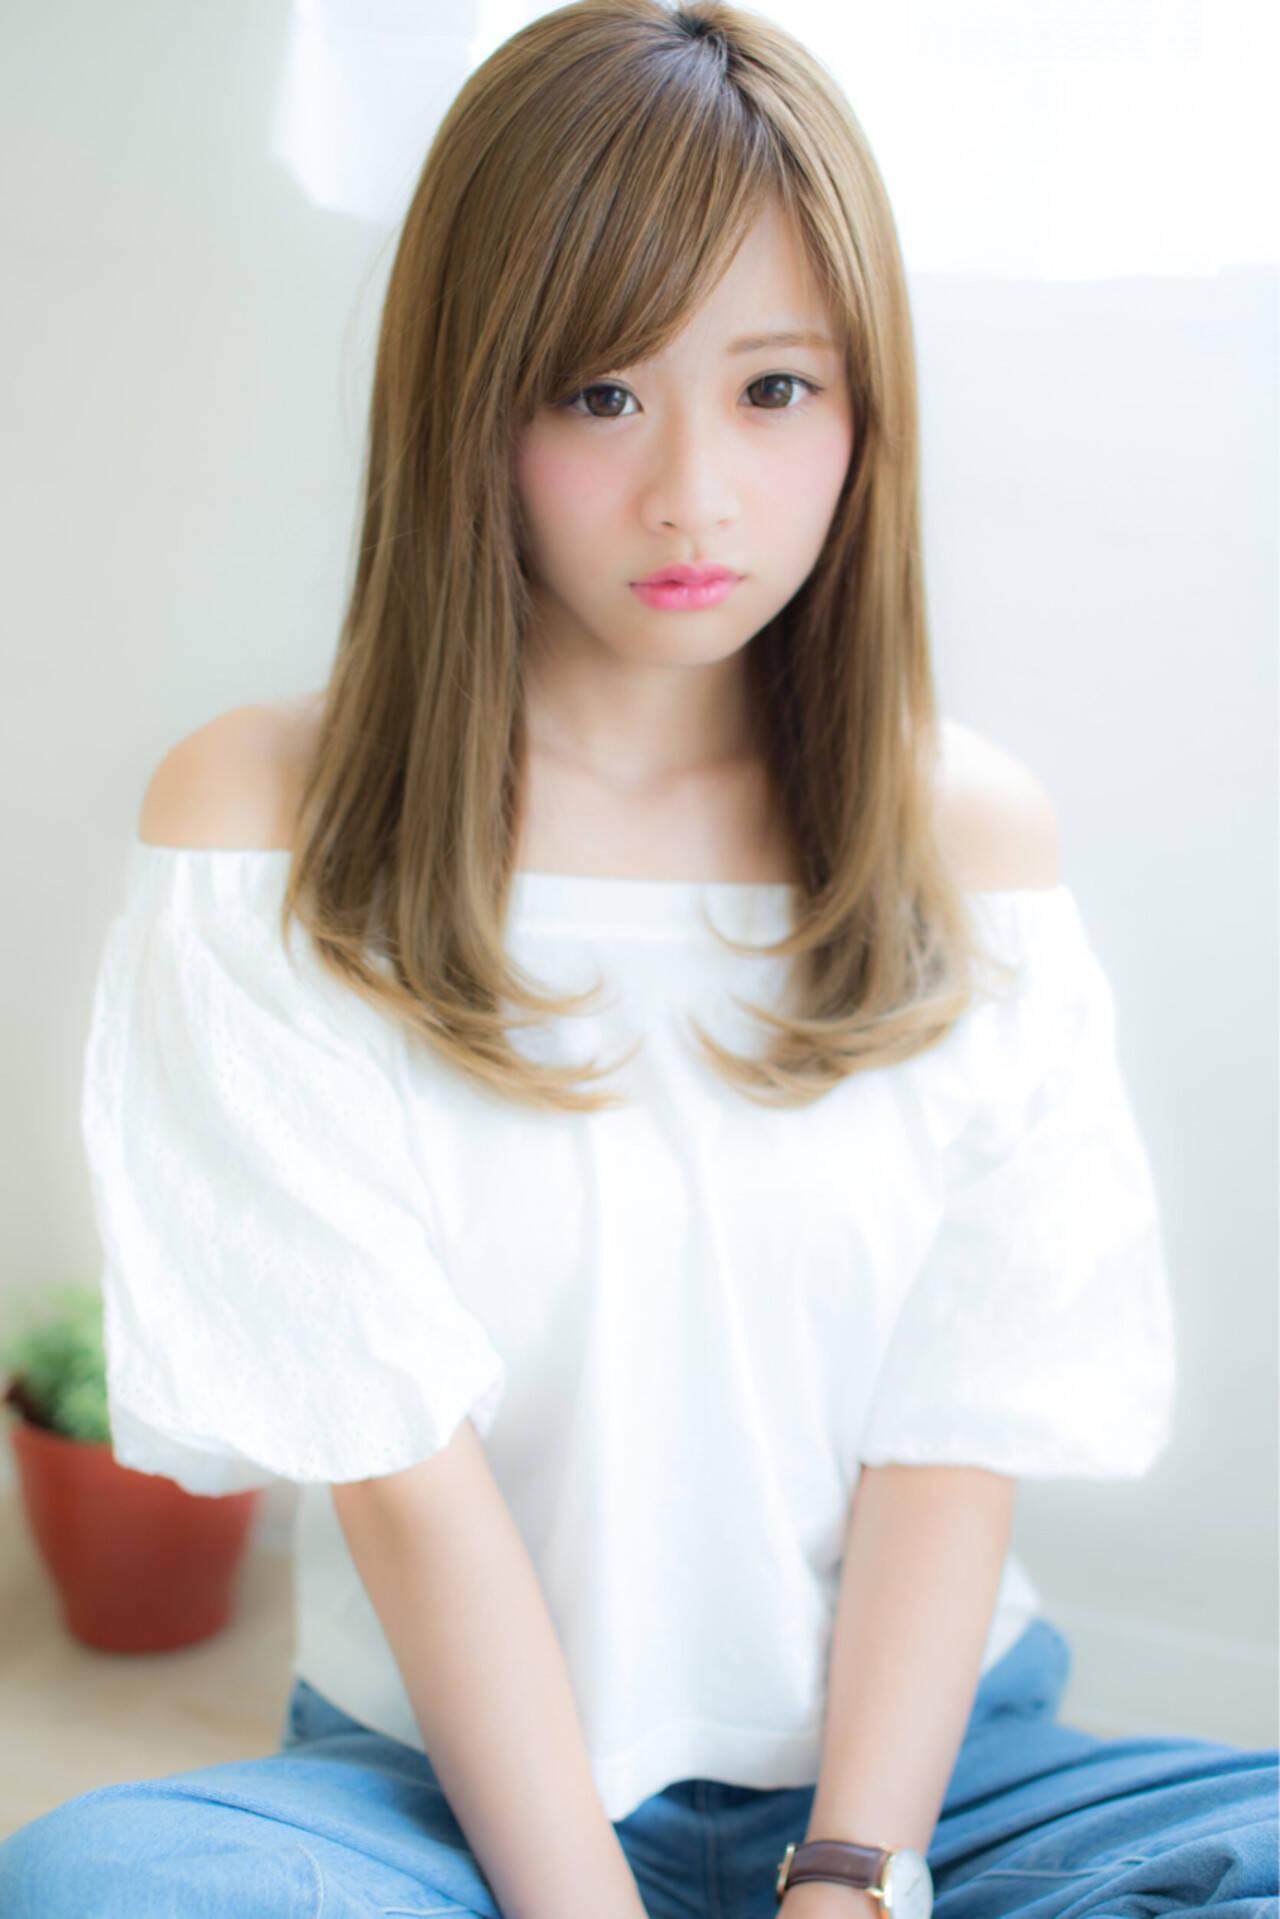 セミロング 縮毛矯正 パーマ 大人かわいいヘアスタイルや髪型の写真・画像